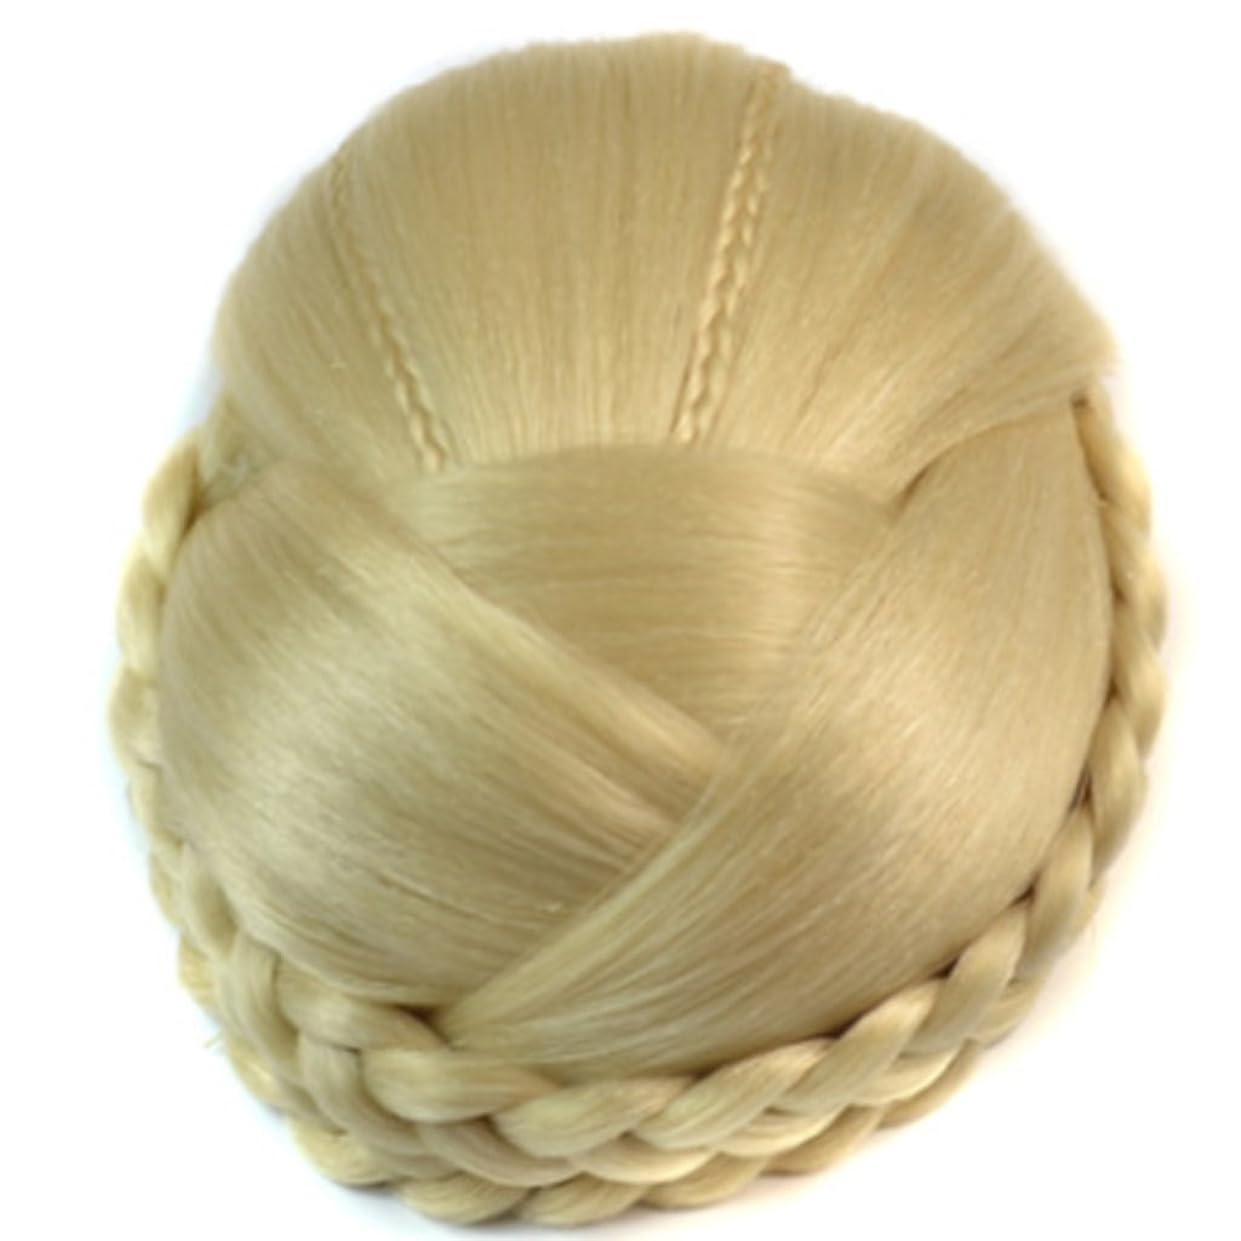 昇る国家落とし穴Doyvanntgo 女性のためのヘアピンアクセサリーの周りの二重ブレードのためのベージュヘアバン拡張の合成繊維のかつら (Color : Beige)